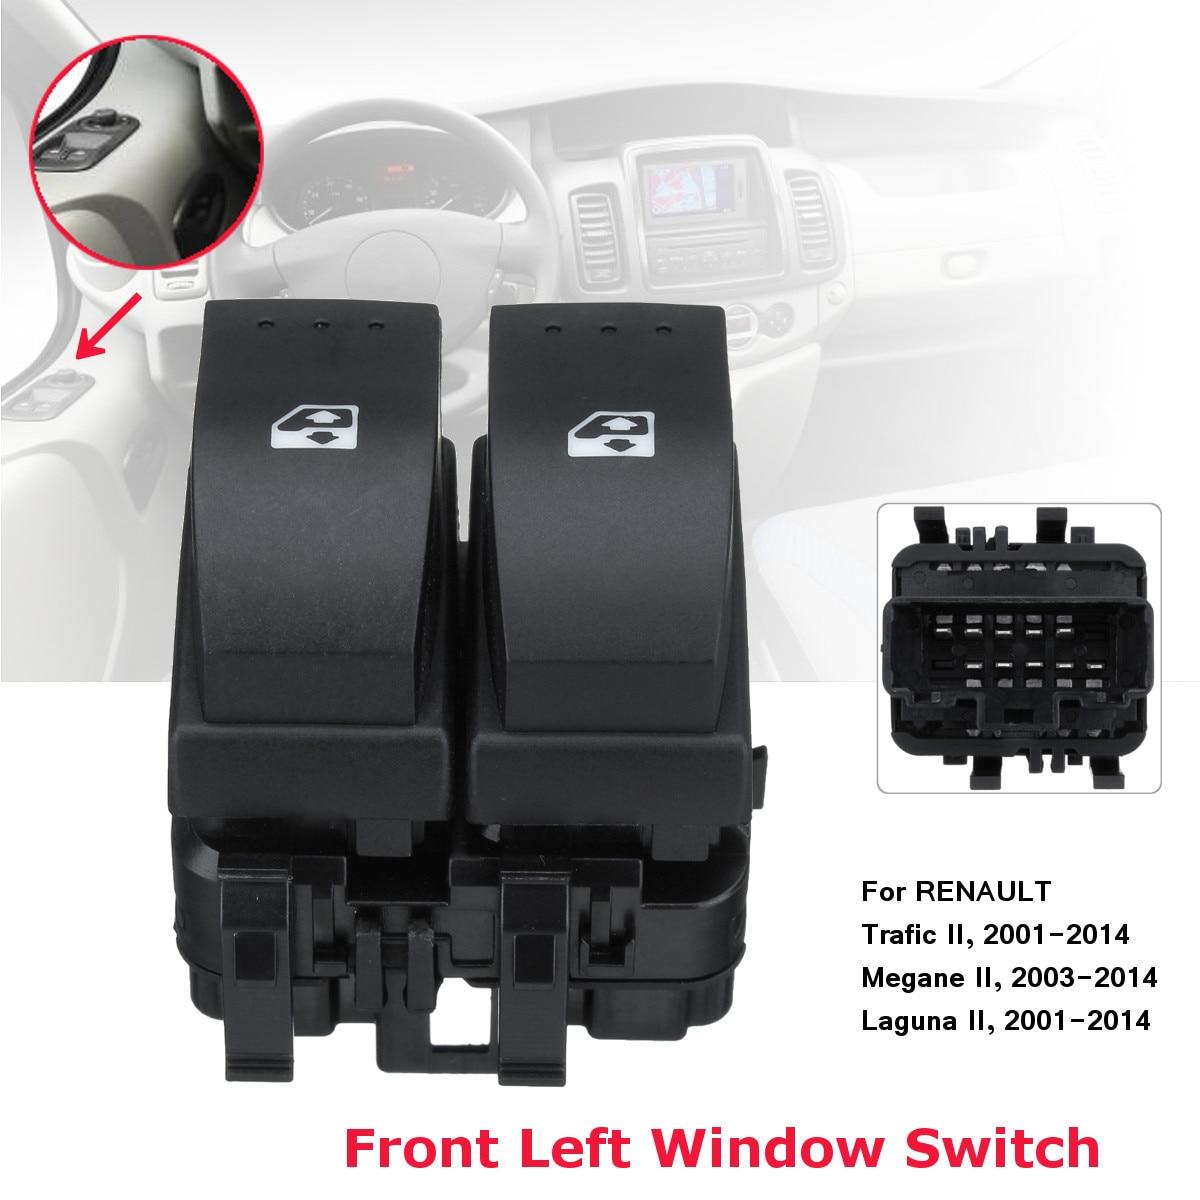 Front Window Lifter Switch 8200315034 For Renault Trafic II/Megane II/Laguna II